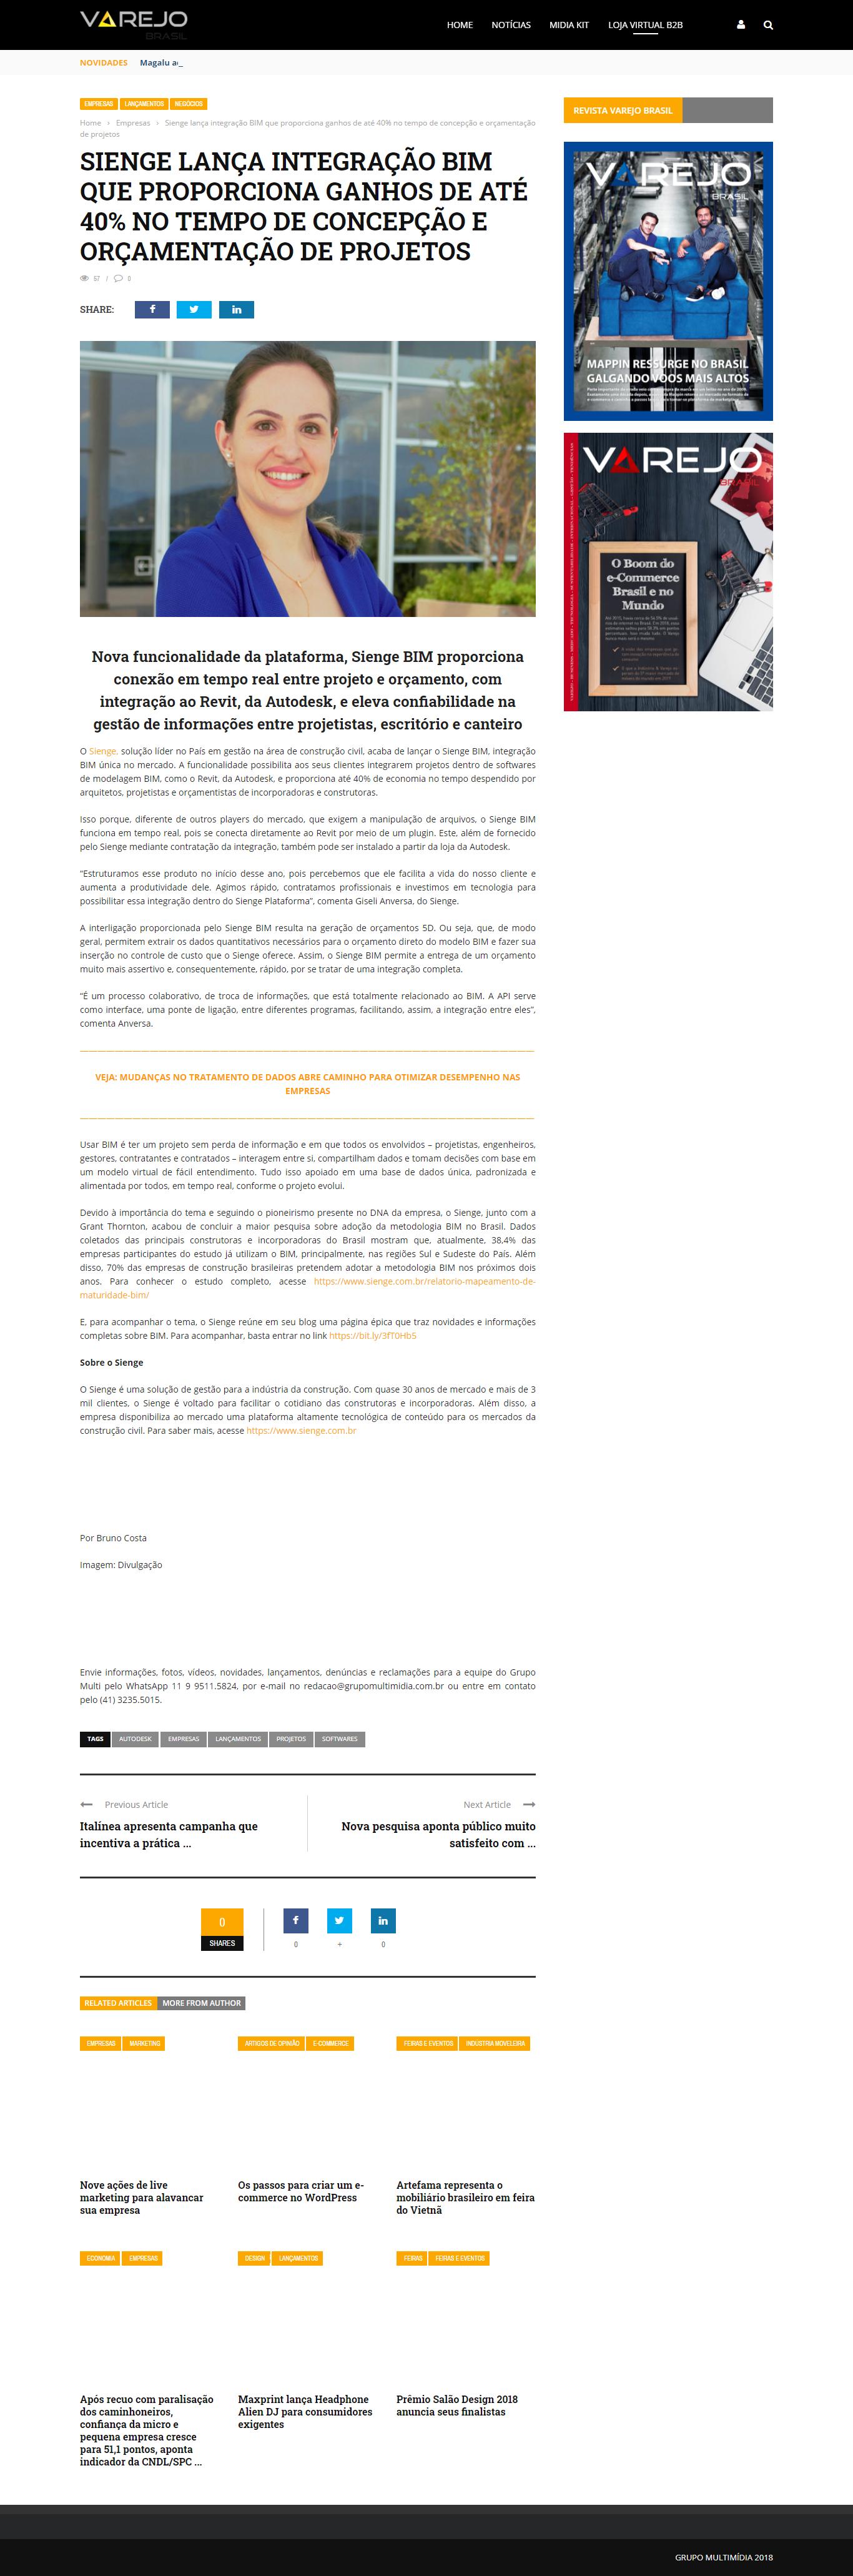 Sienge lança integração BIM que porporciona ganhos de até 40% no tempo de concepção e orçamentação de projetos - Revista Varejo Brasil